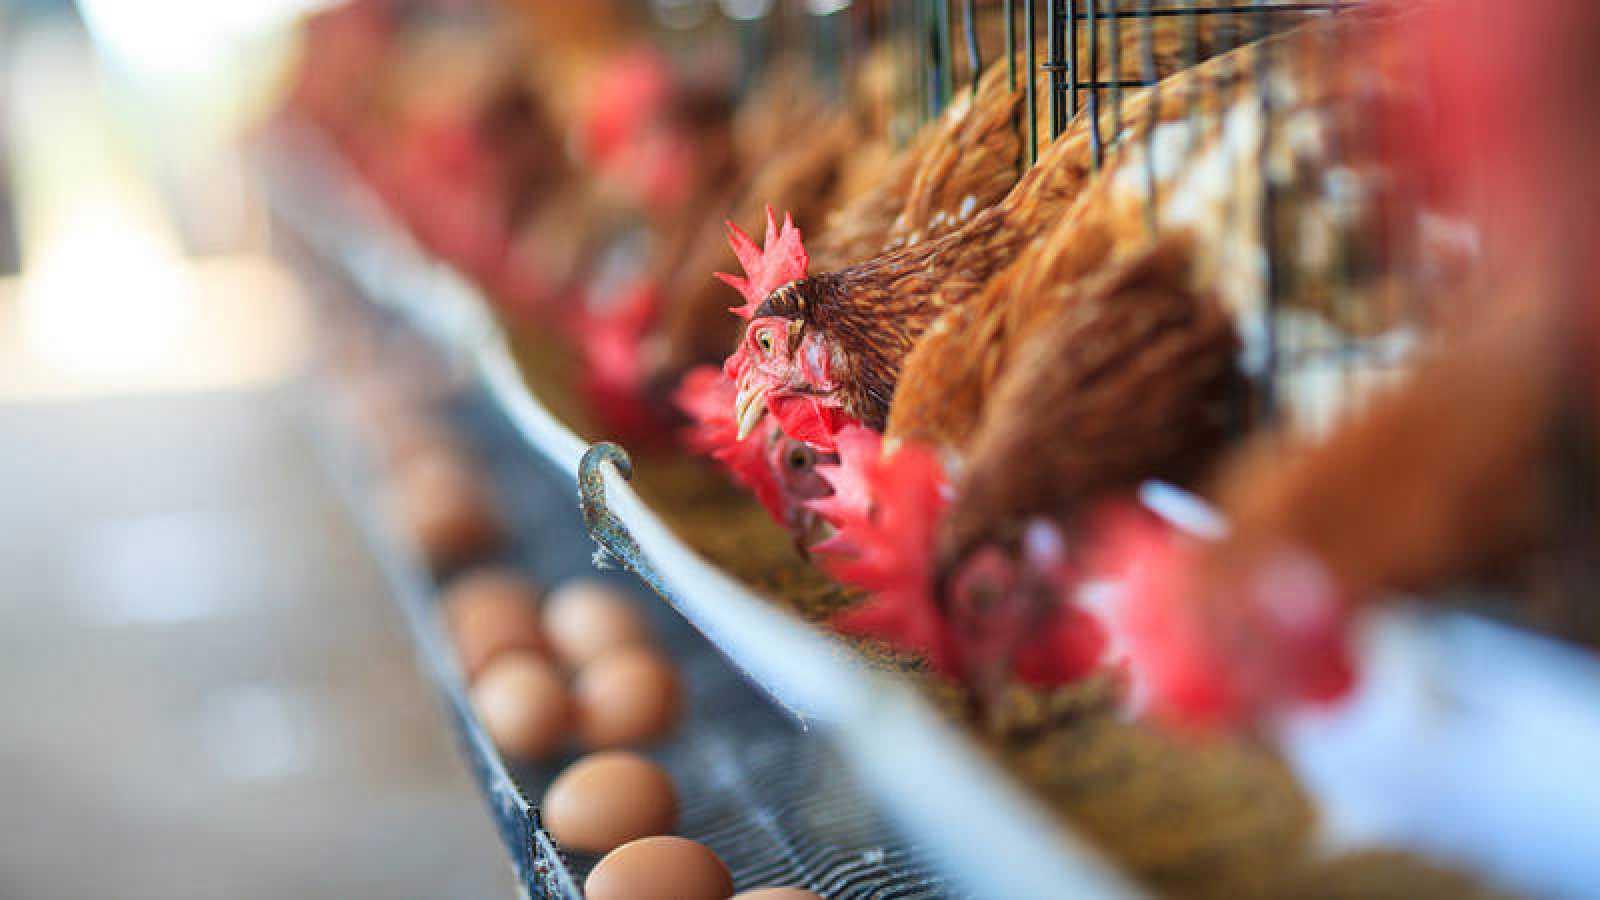 España cuenta con 1.260 granjas y una media de 67.700 gallinas cada una.